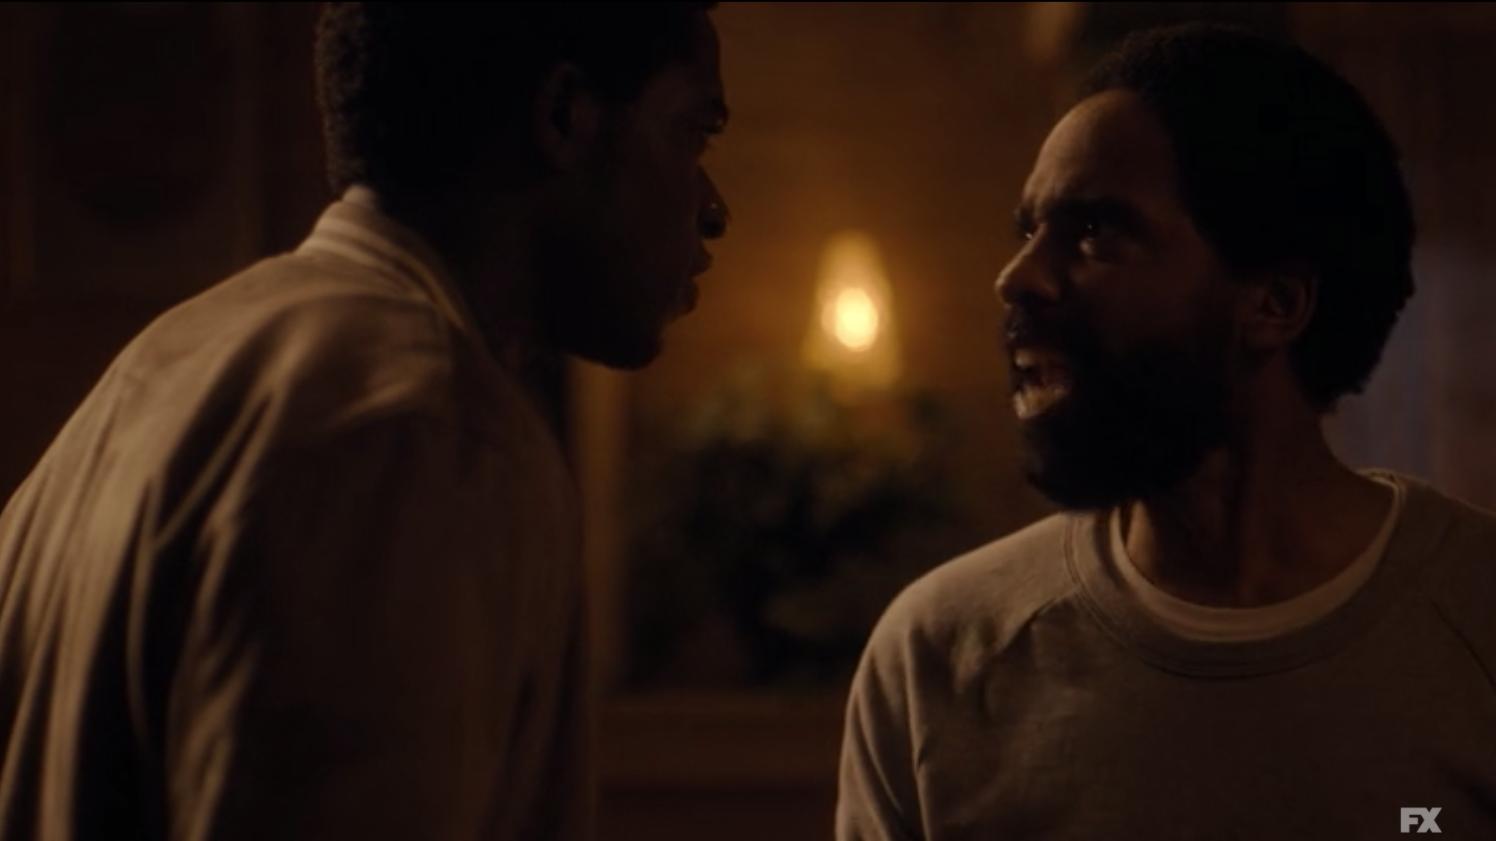 Franklin and Alton arguing